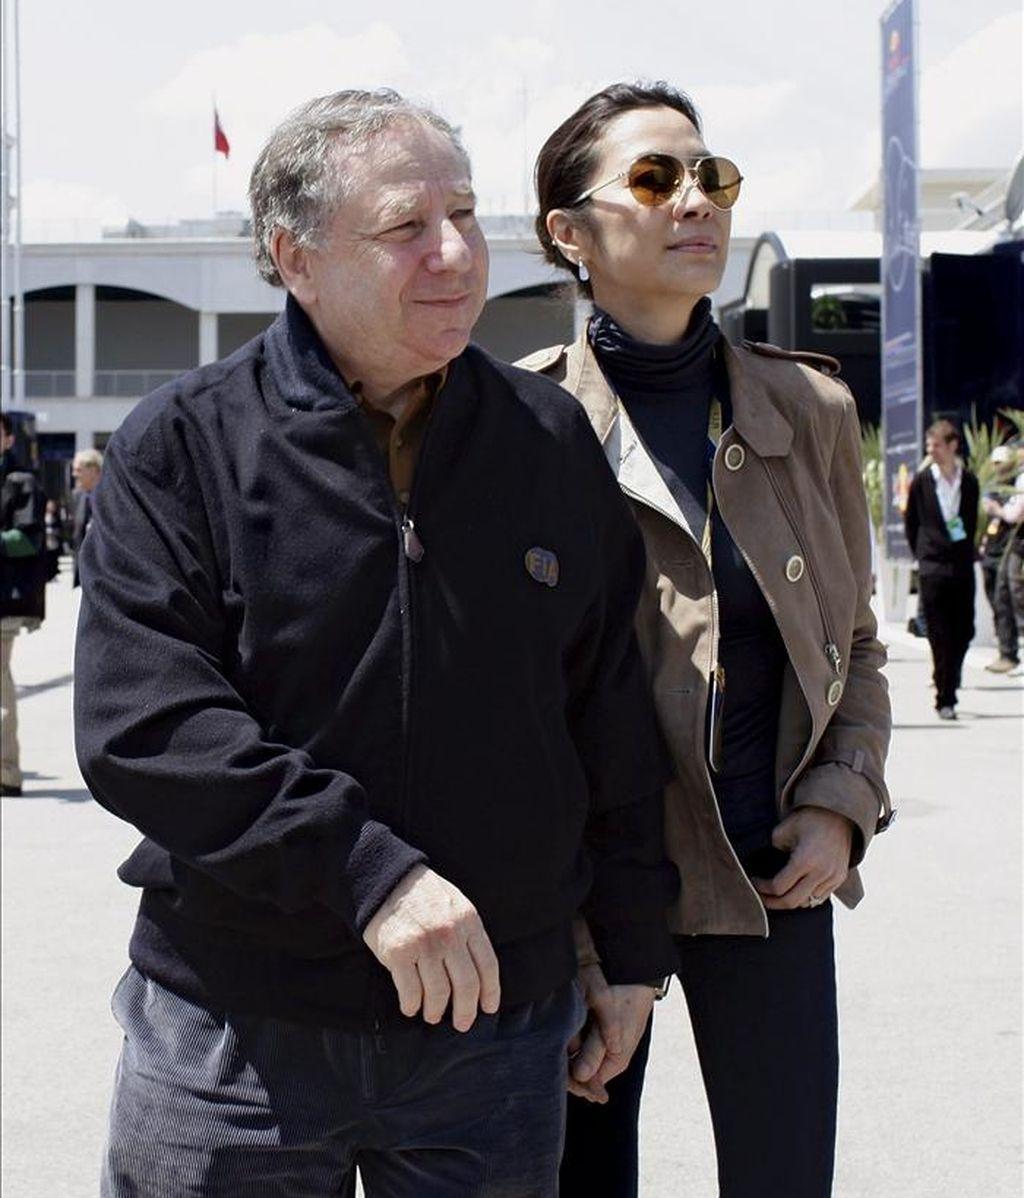 """El presidente de la FIA, Jean Todt (izq), y su esposa Michelle Yeoh, caminan por el """"paddock"""" del circuito Istanbul Park de Estambul (Turquía) antes del comienzo del Gran Premio de Turquía de Fórmula Uno. EFE"""